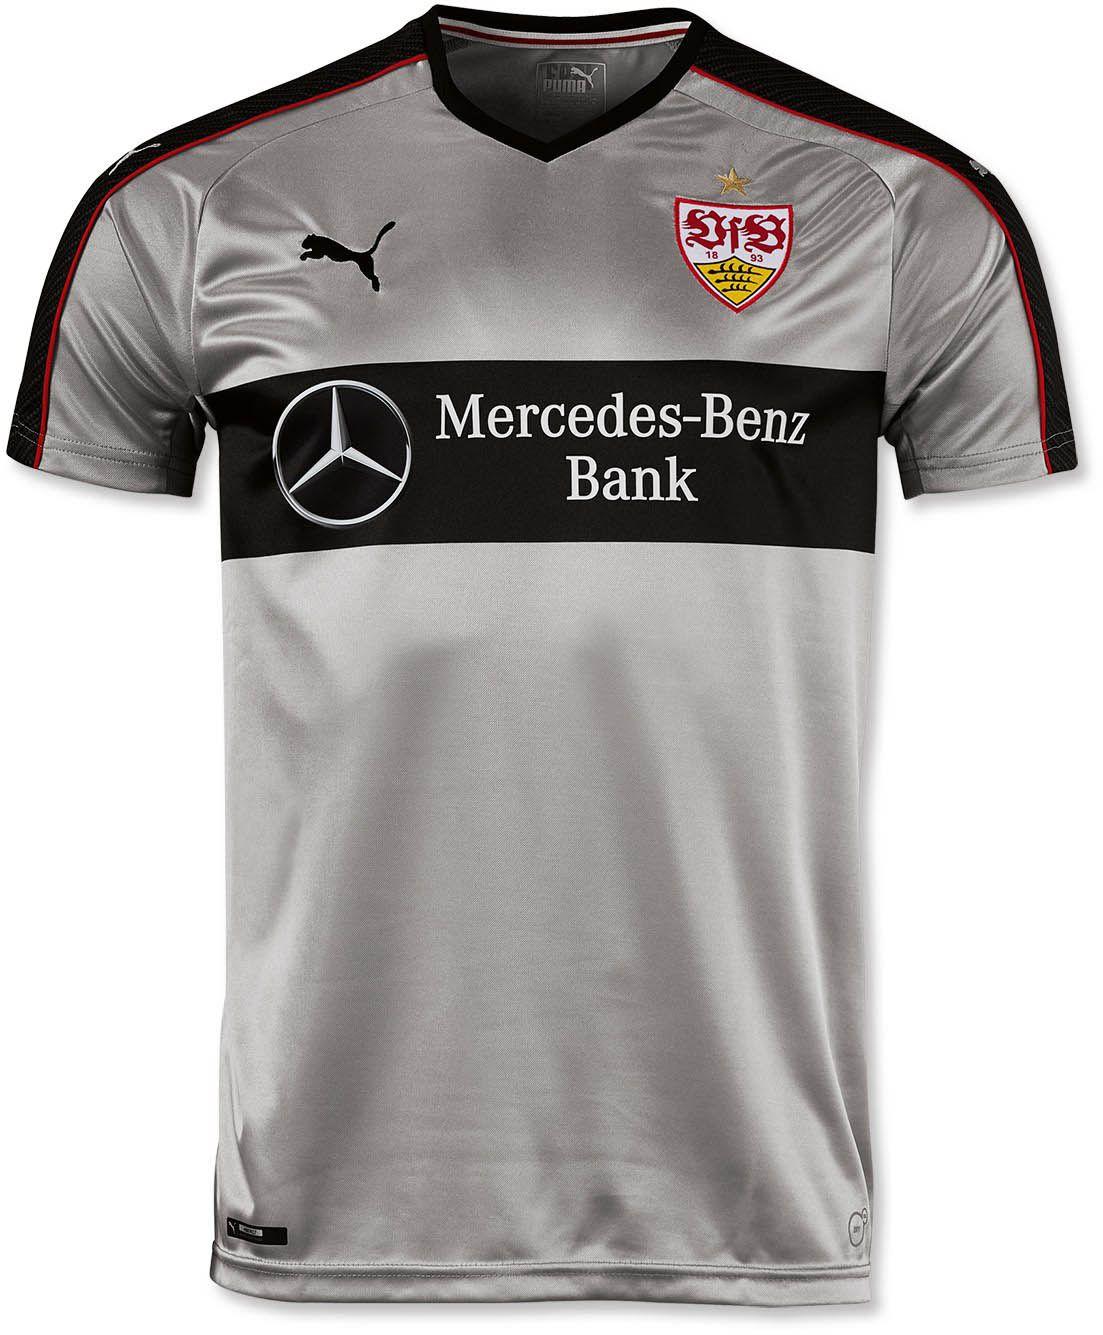 Vfb Stuttgart 16 17 Away And Third Kits Released Football Shirts Stuttgart Sport T Shirt